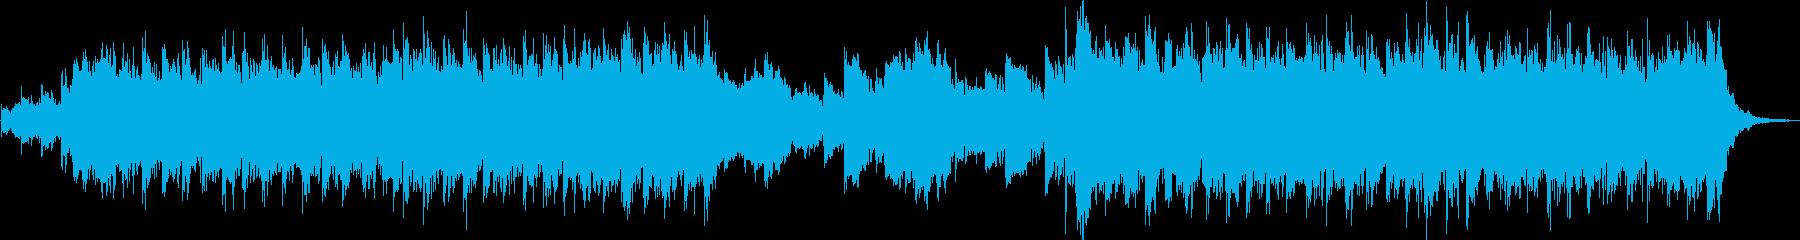 時代劇オープニング風威勢のいい90秒の曲の再生済みの波形